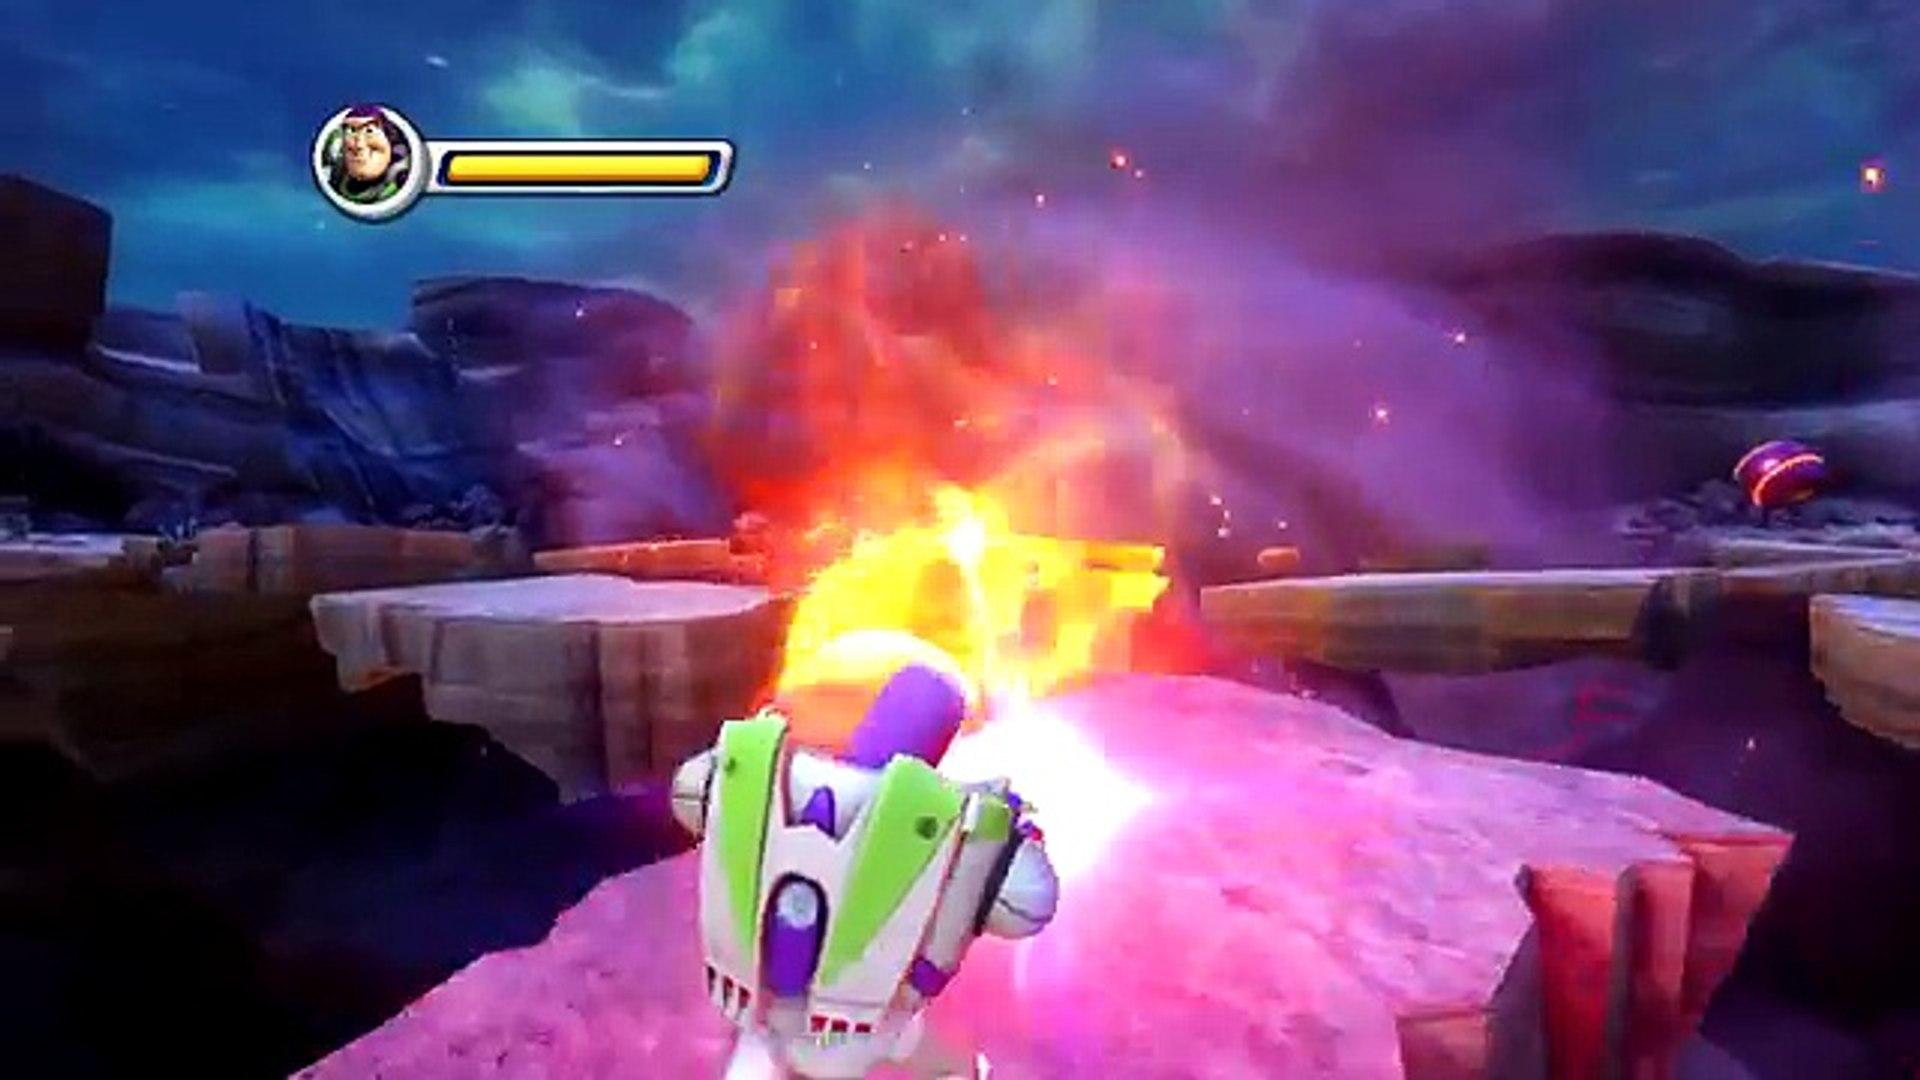 04 Toy Story 3 Buzz Video Game トイ ストーリー3 バズビデオゲーム